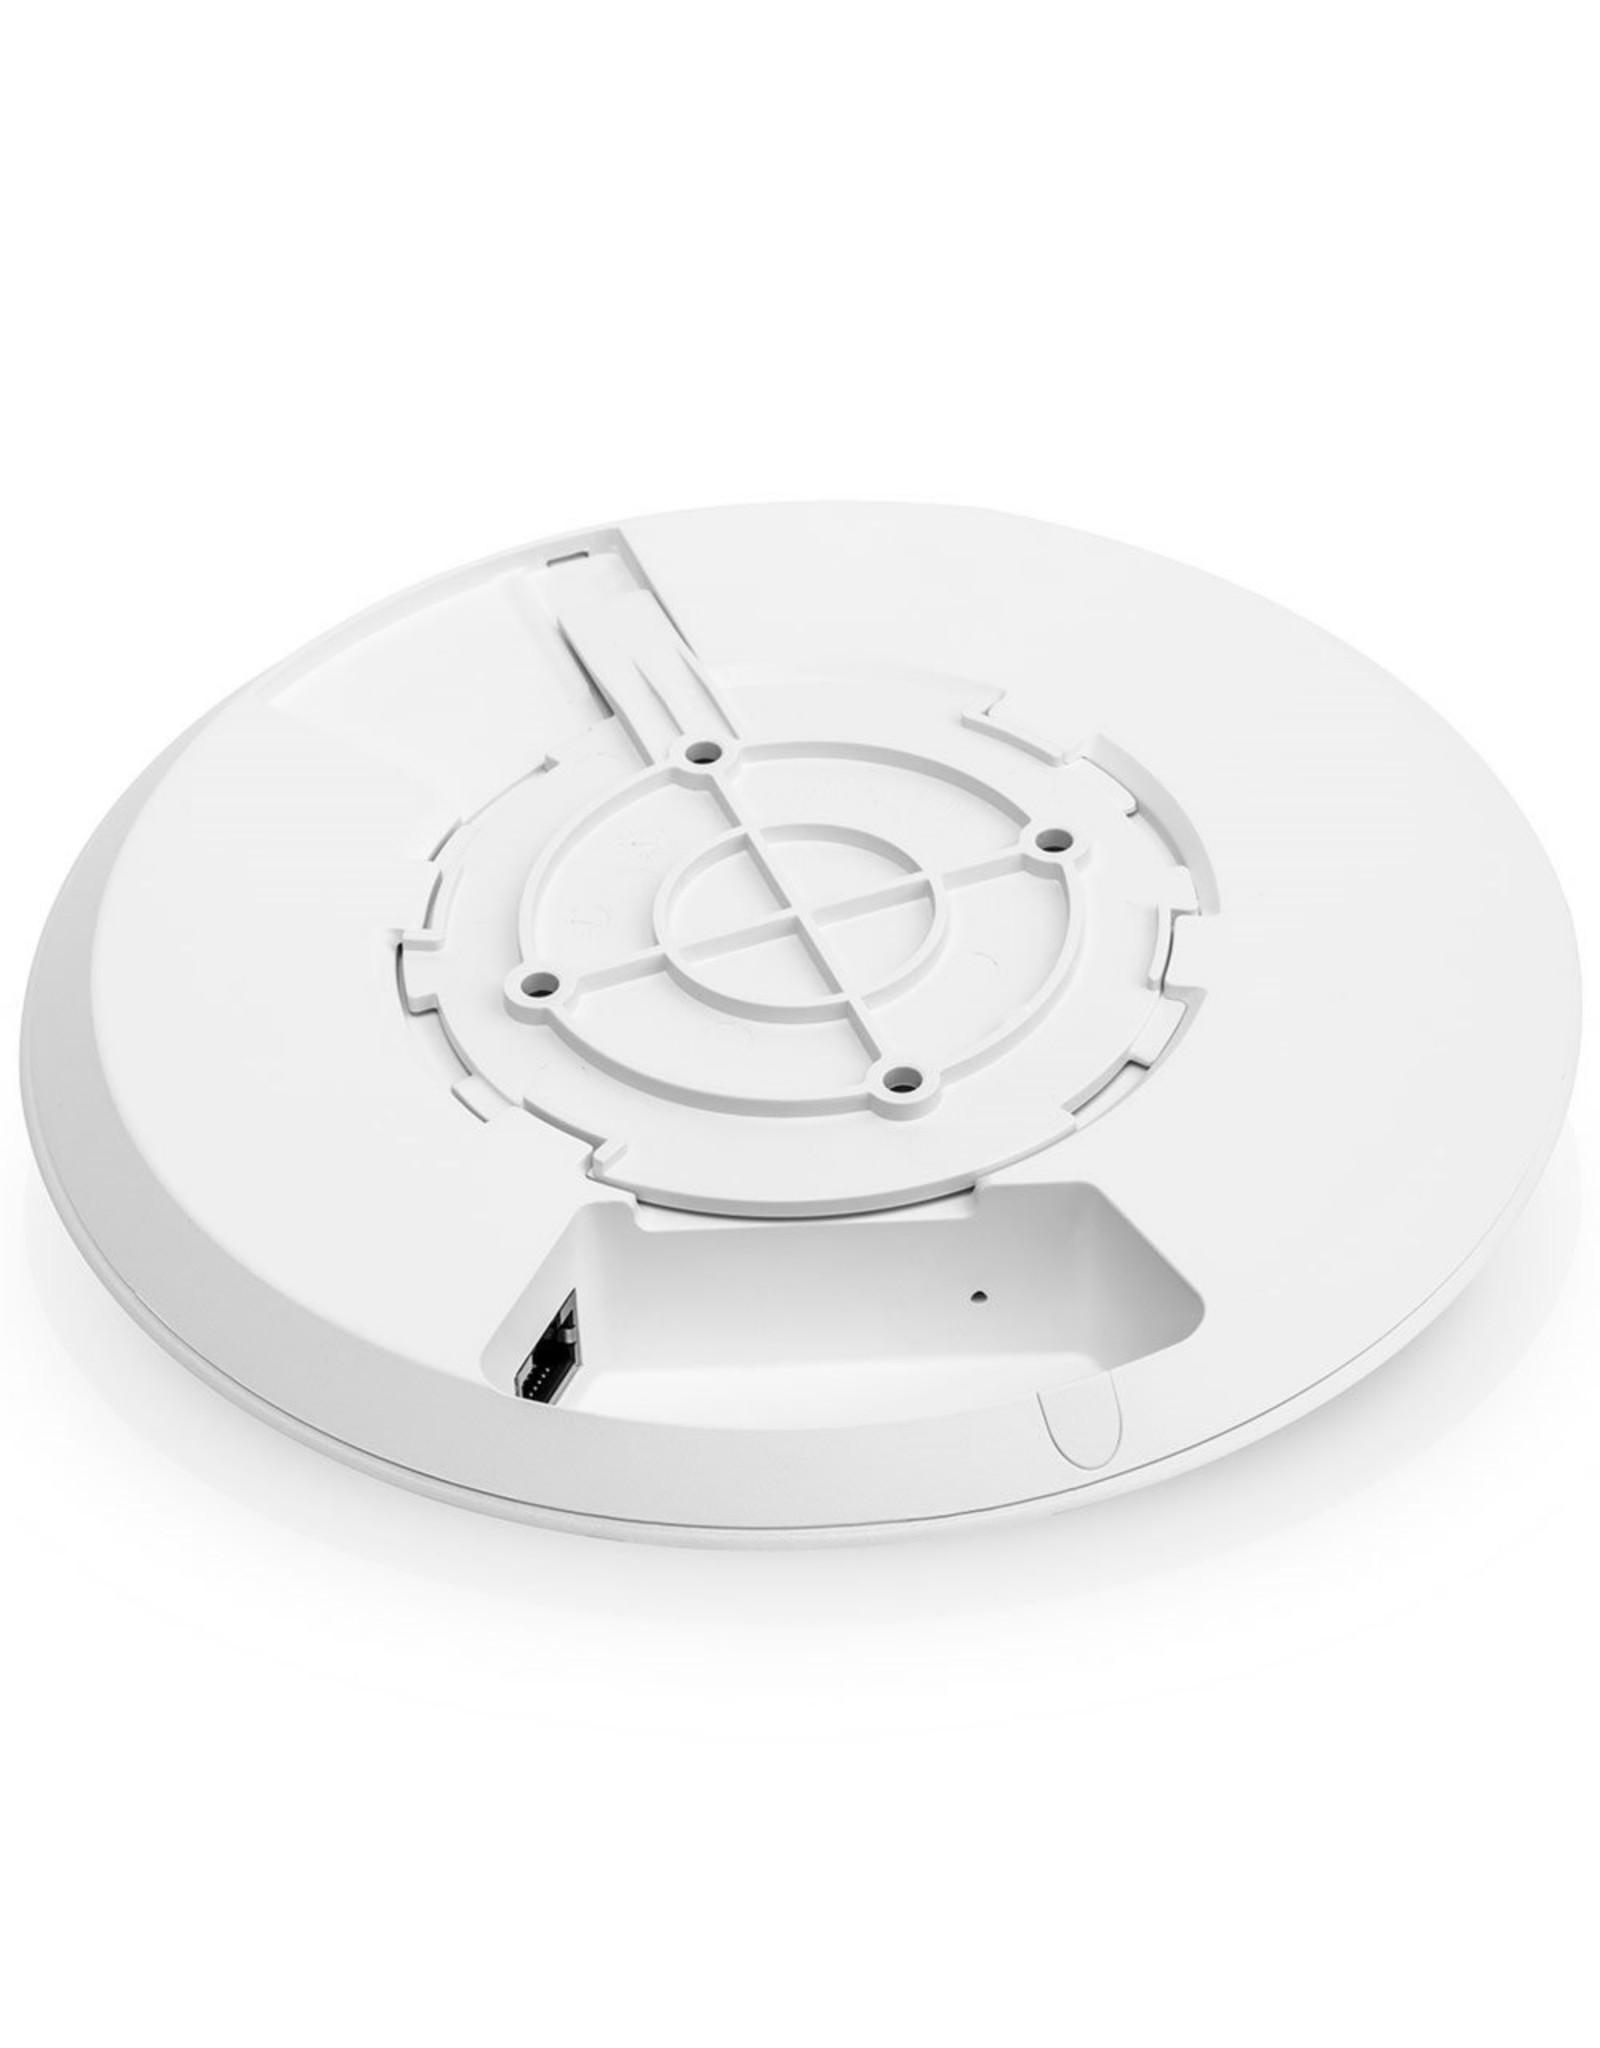 Ubiquiti UniFi Indoor Long Range Access Point 2.4GHz/5GHz